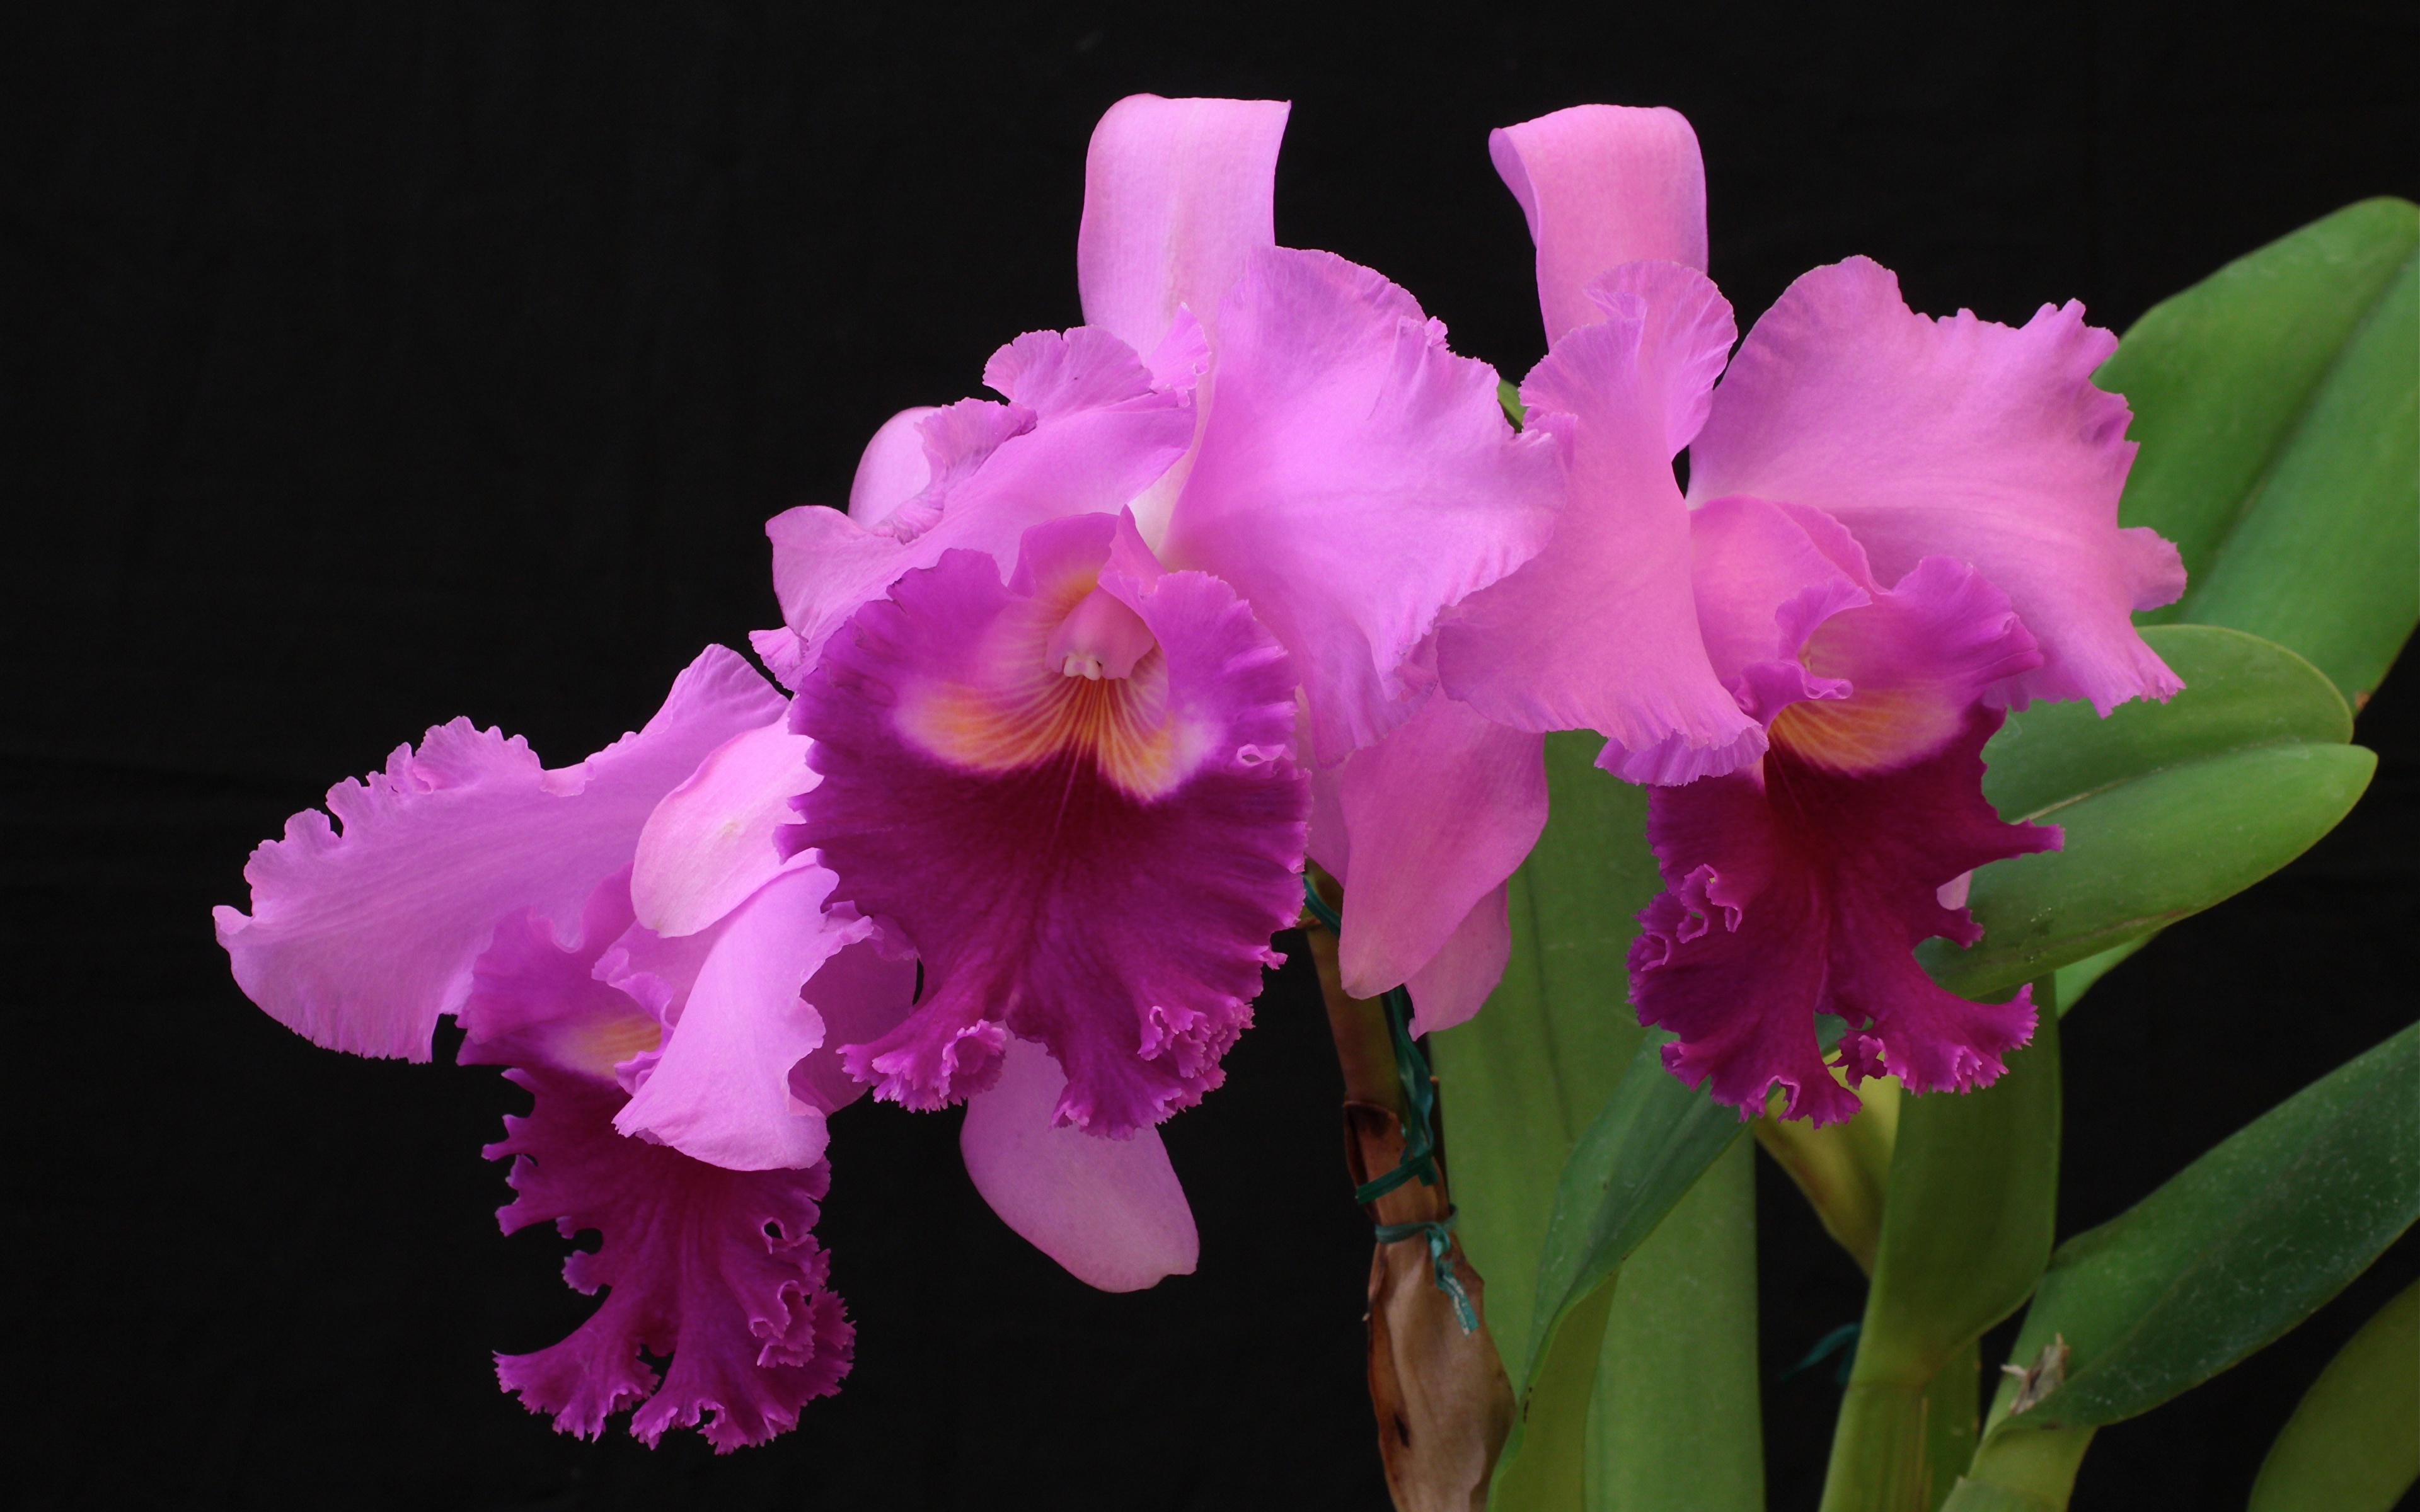 Фото розовая Орхидеи Цветы Черный фон Крупным планом 3840x2400 розовых розовые Розовый орхидея цветок вблизи на черном фоне